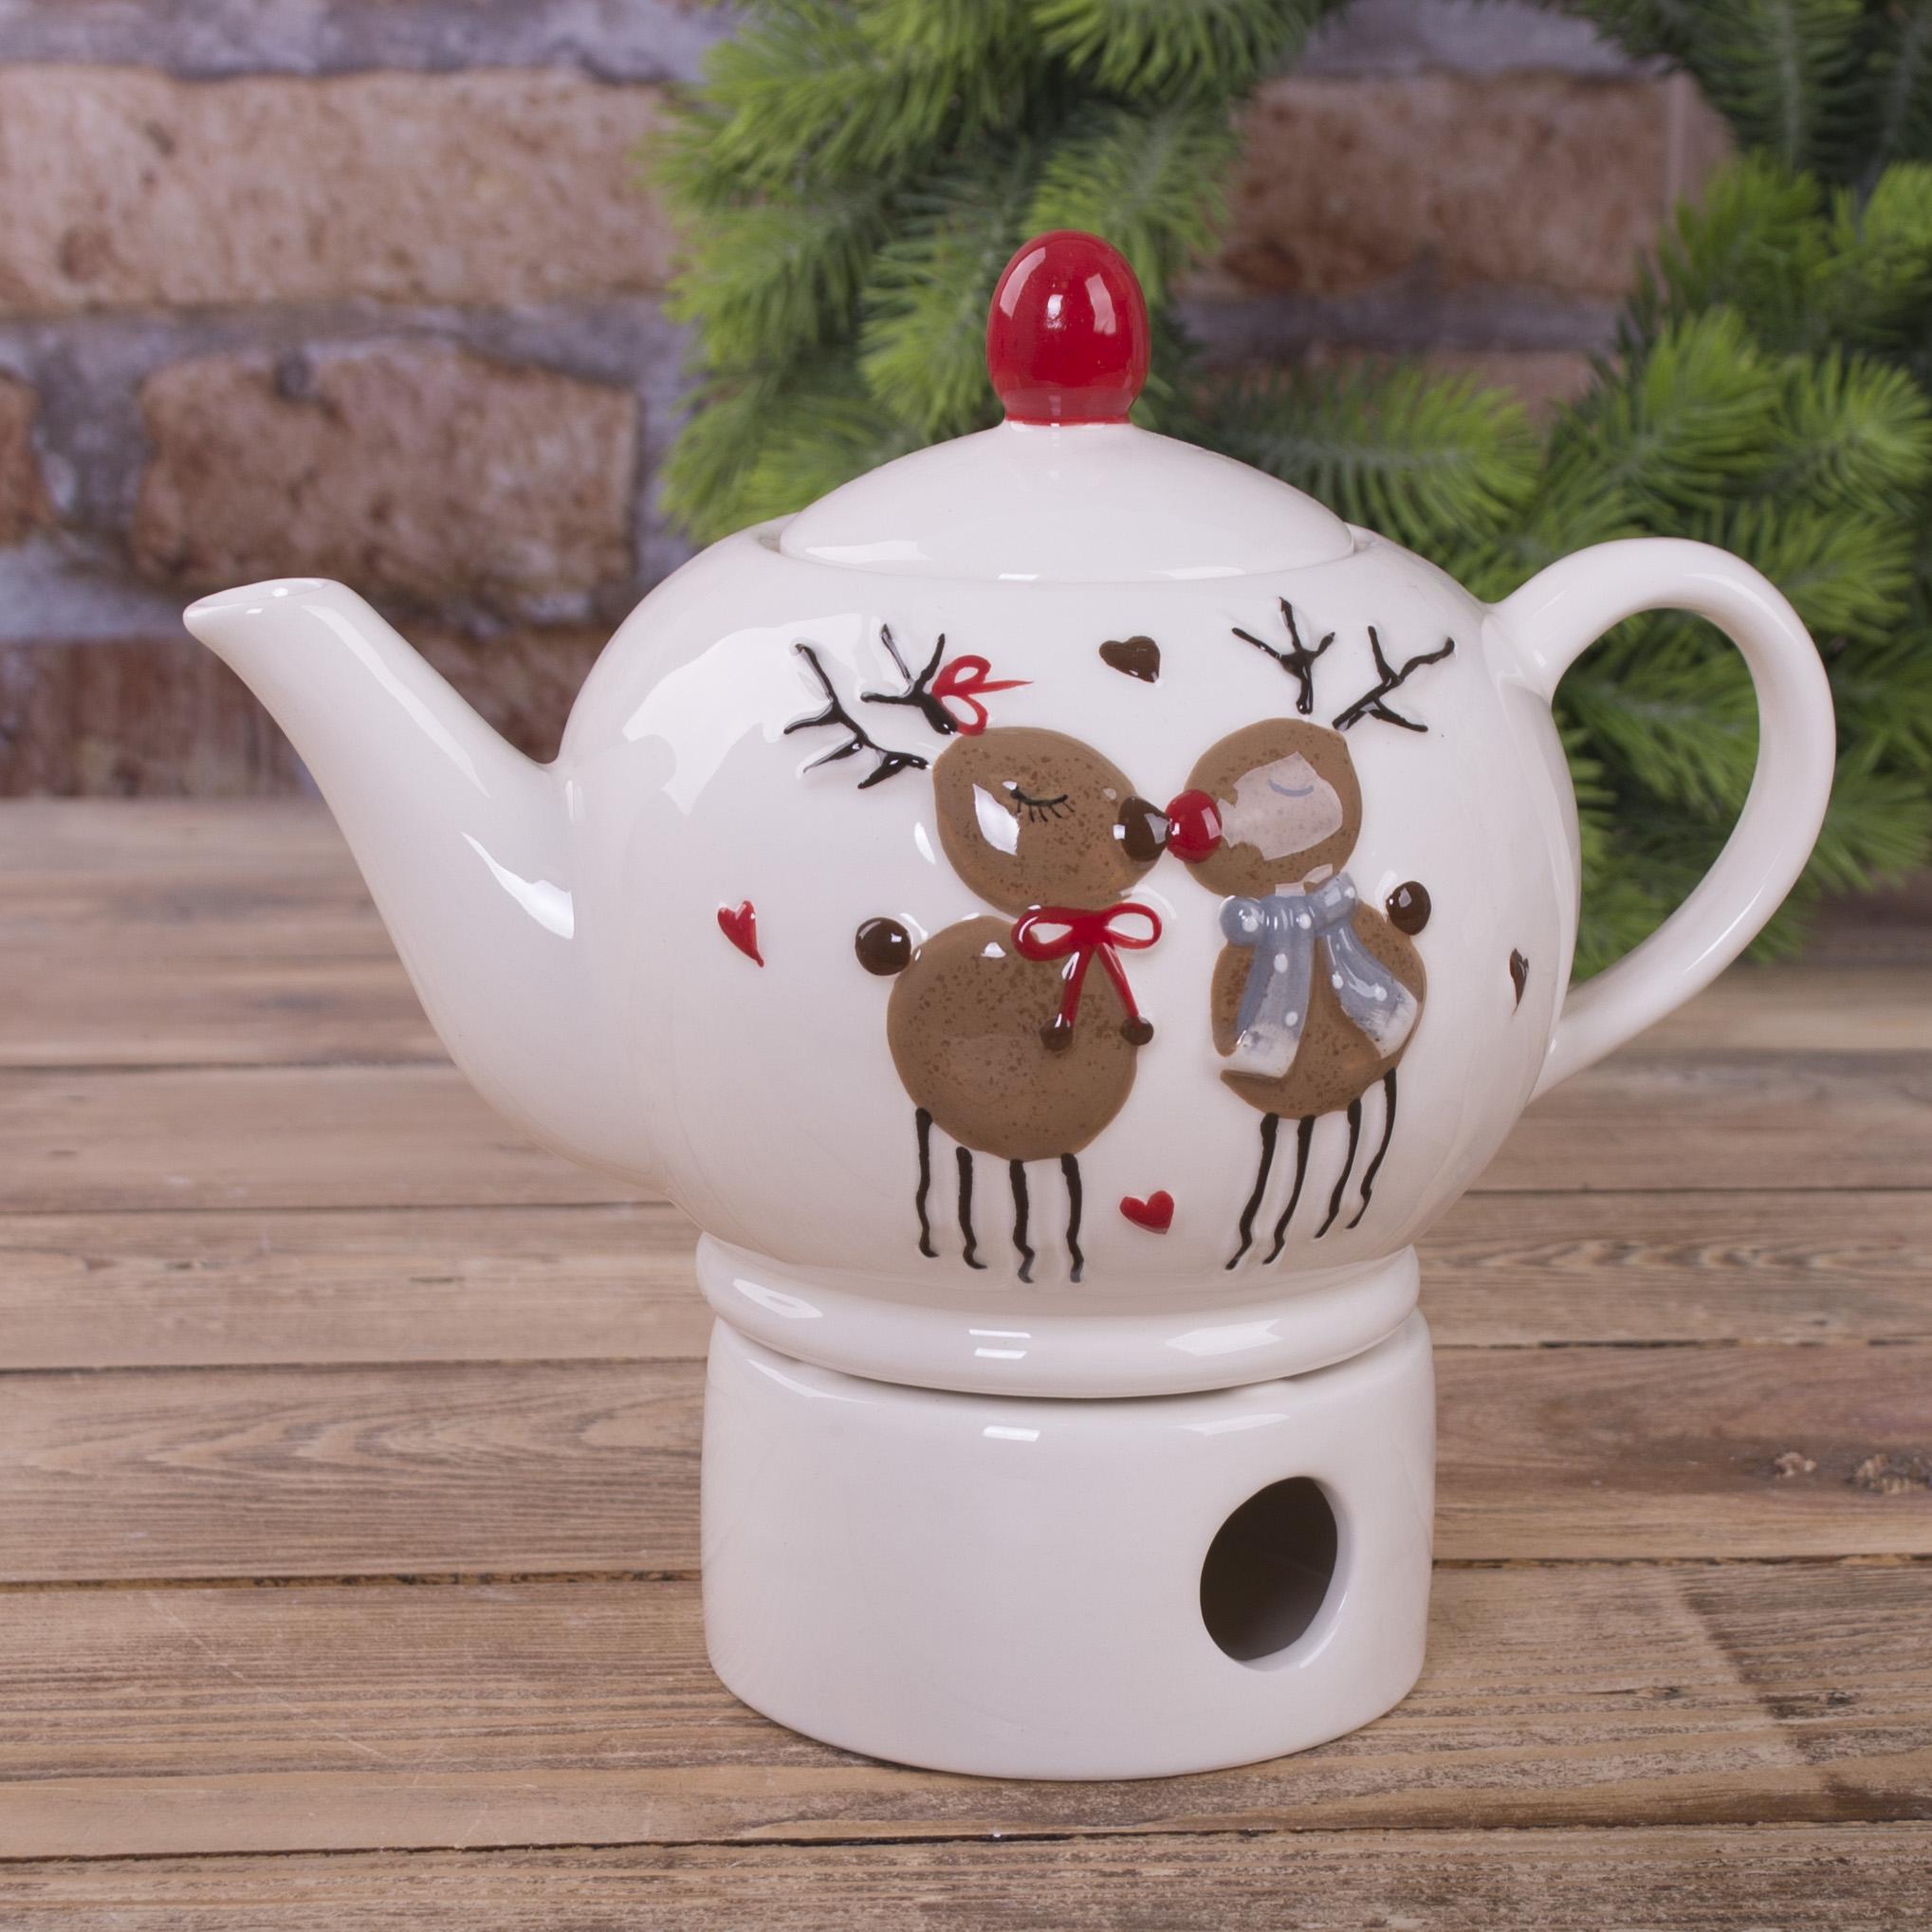 чайник с 2-мя оленями